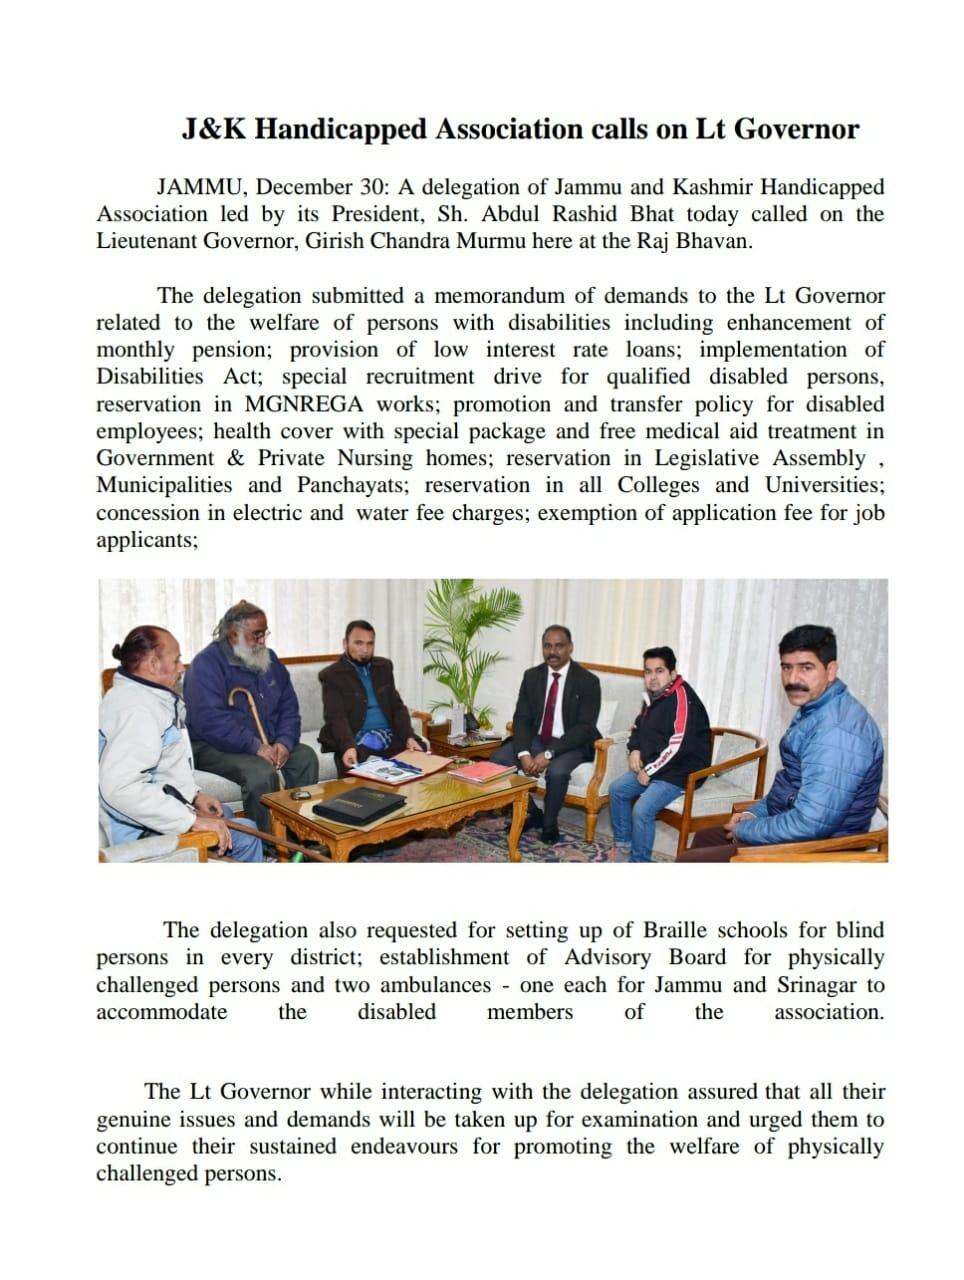 News Cutting of JK handicapped Association